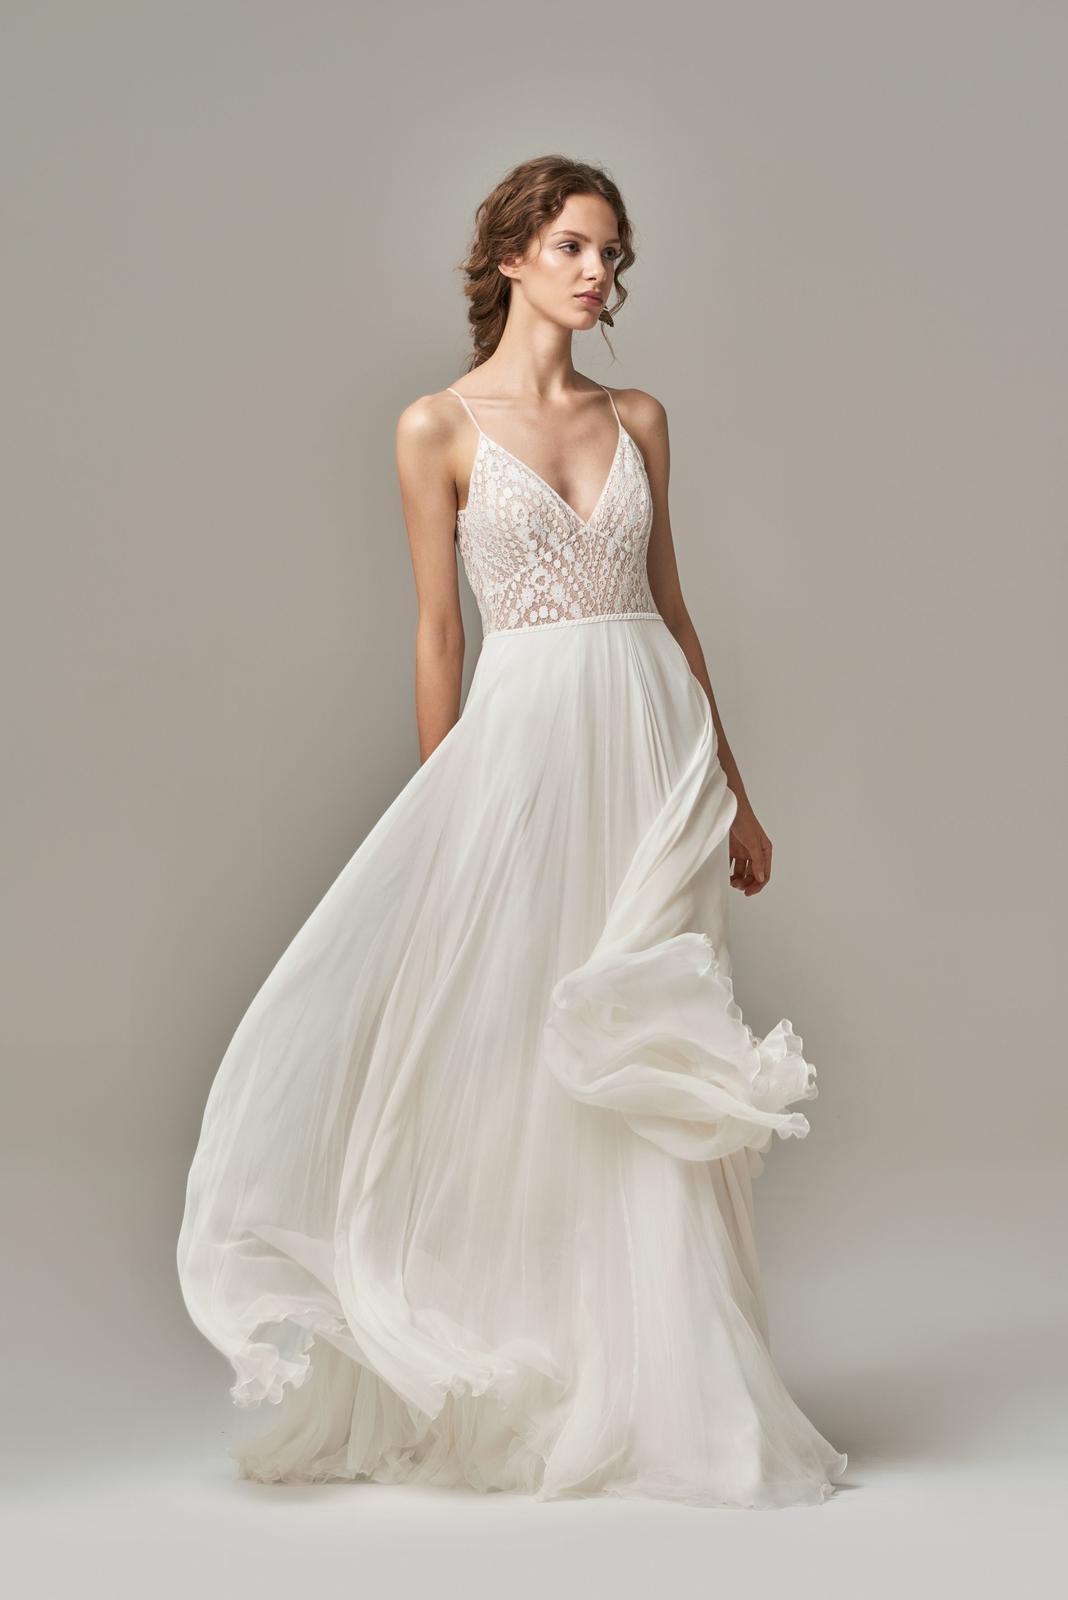 Anna Kara * Svadobné šaty z kolekcií na rok 2019 - Obrázok č. 37